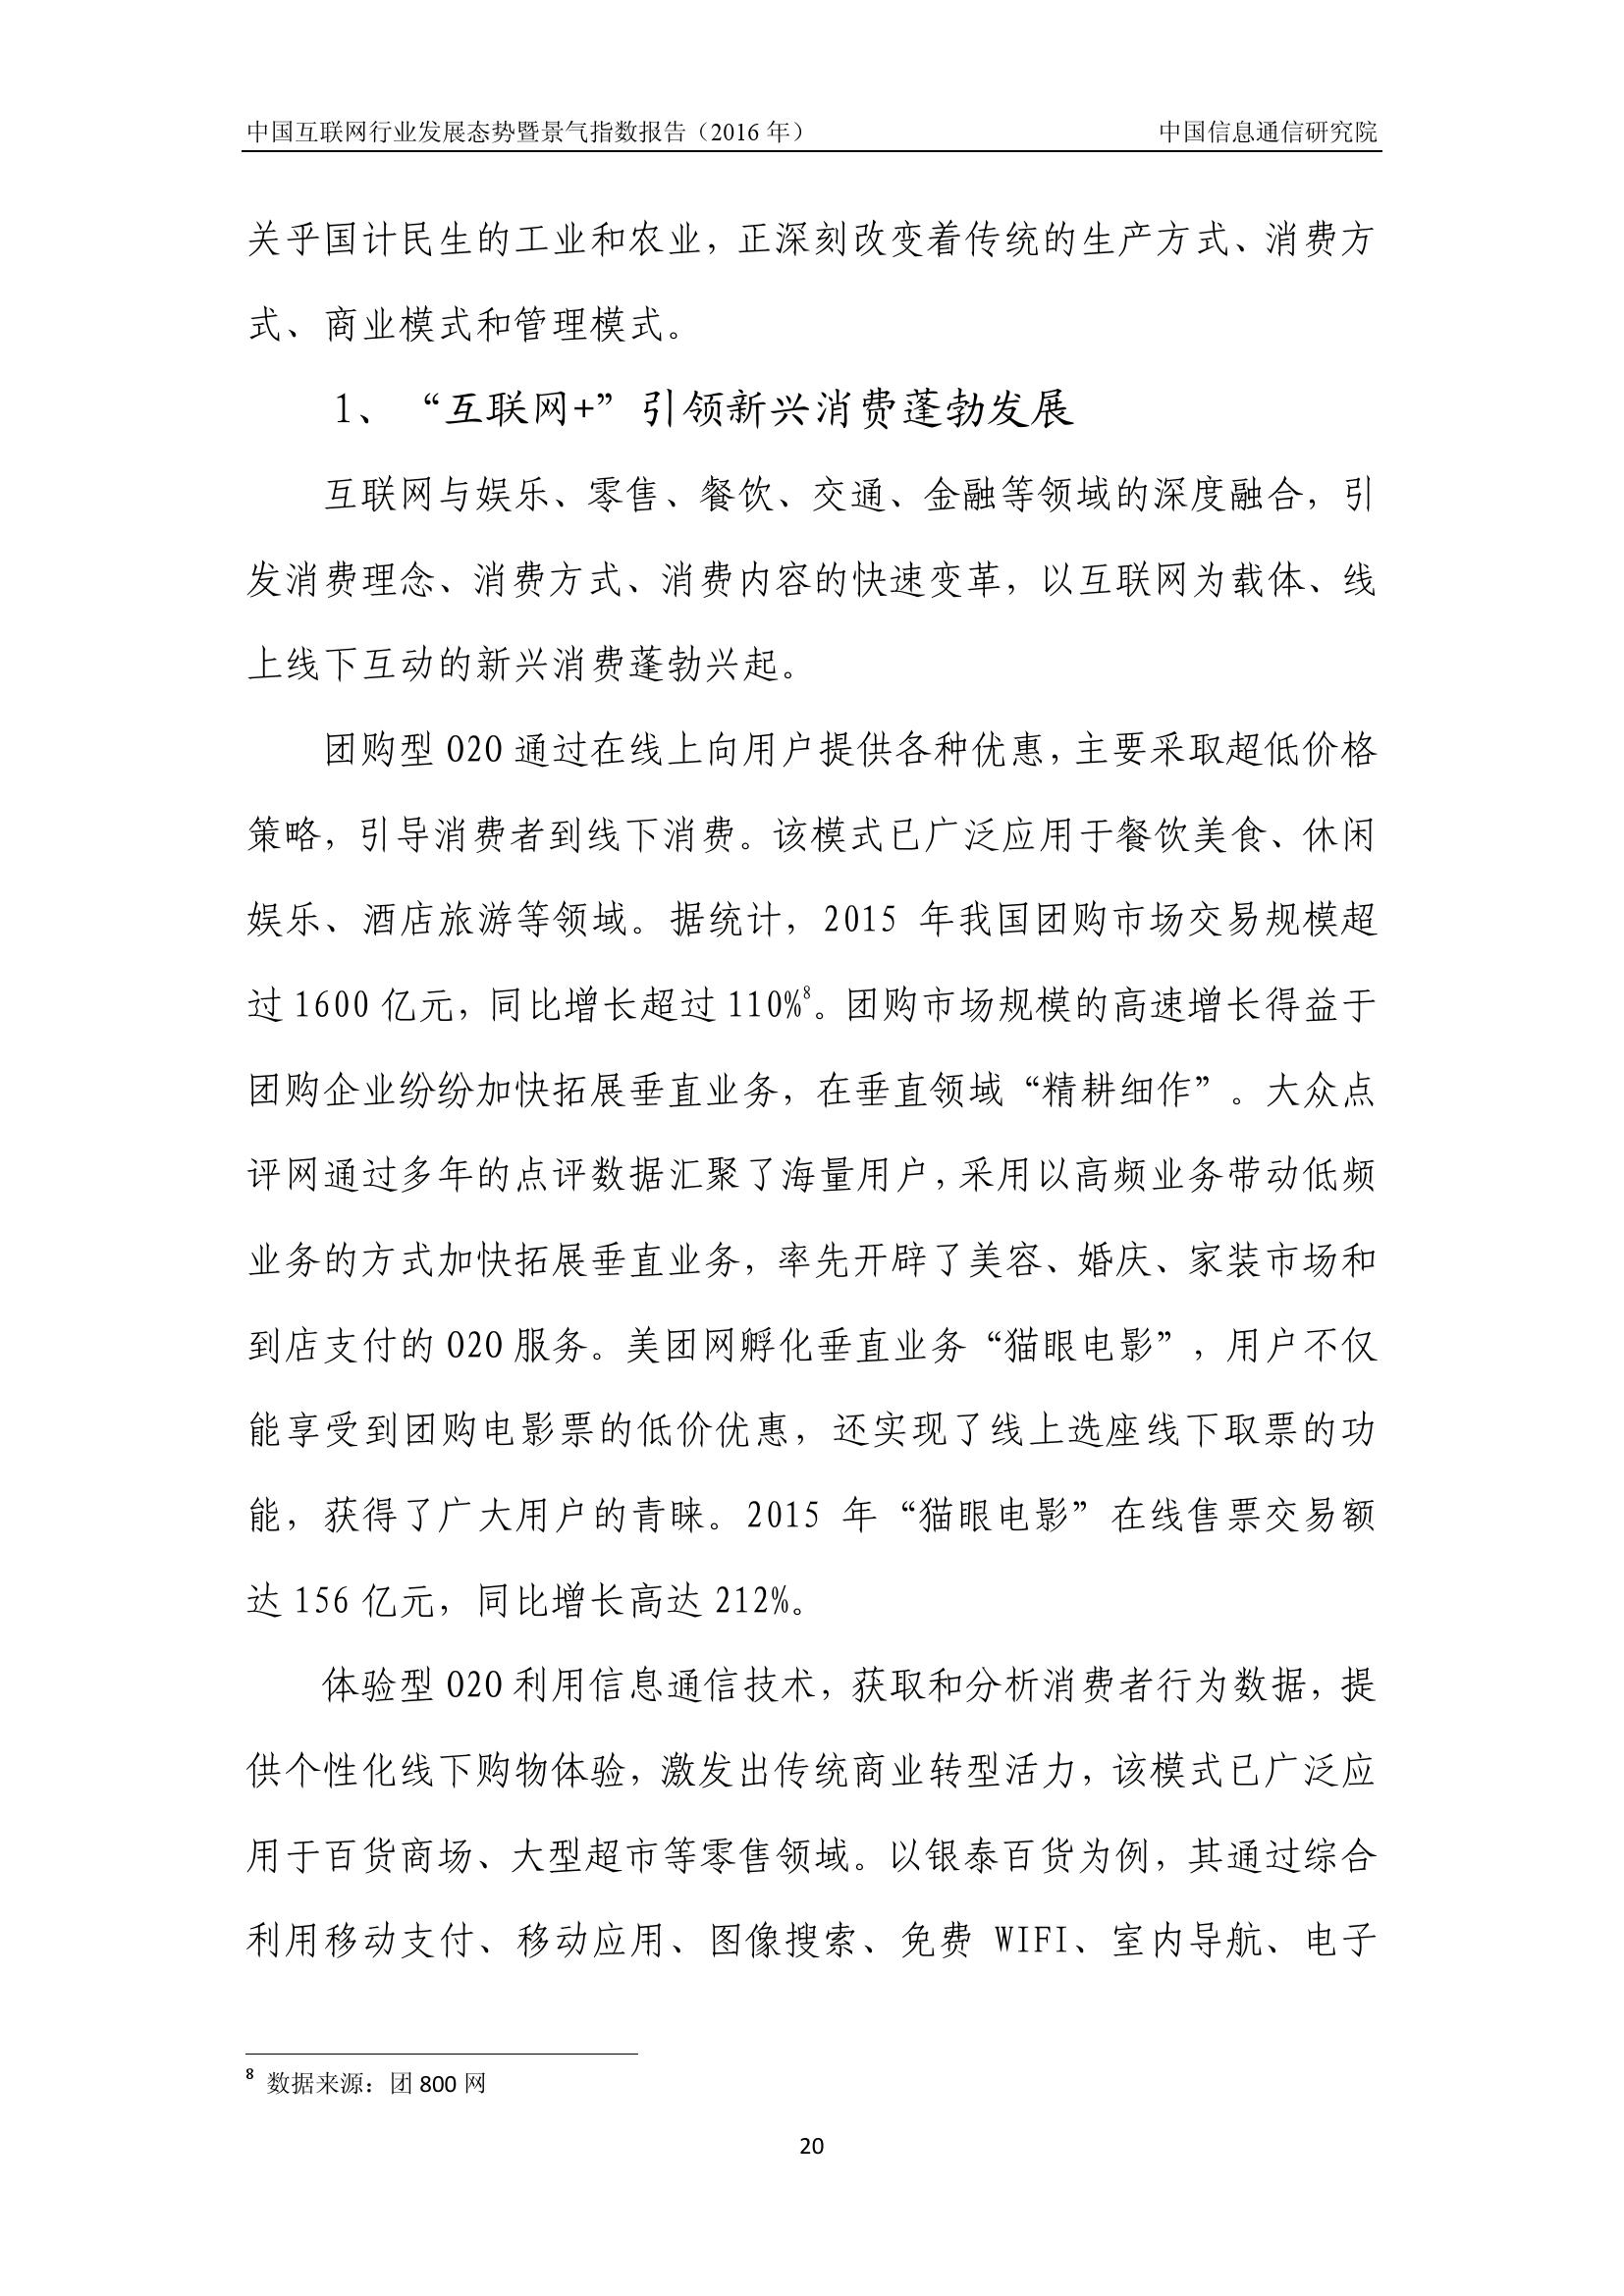 2016年中国互联网行业发展态势暨景气指数报告_000024